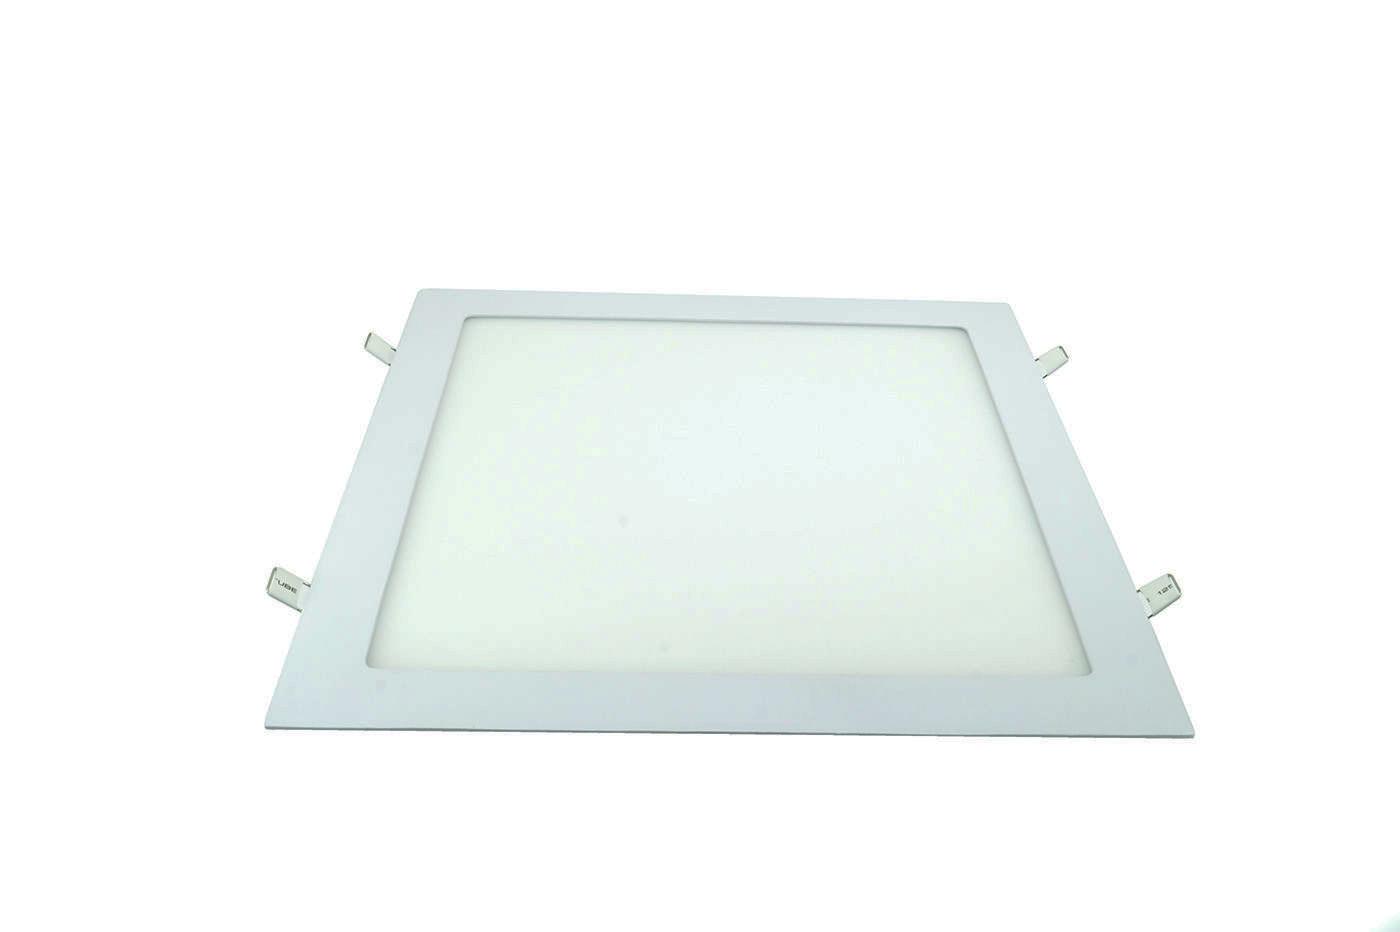 Plafoniera Incasso Led 60x60 : Bes 20852 pannelli beselettronica pannello led 30w watt luce